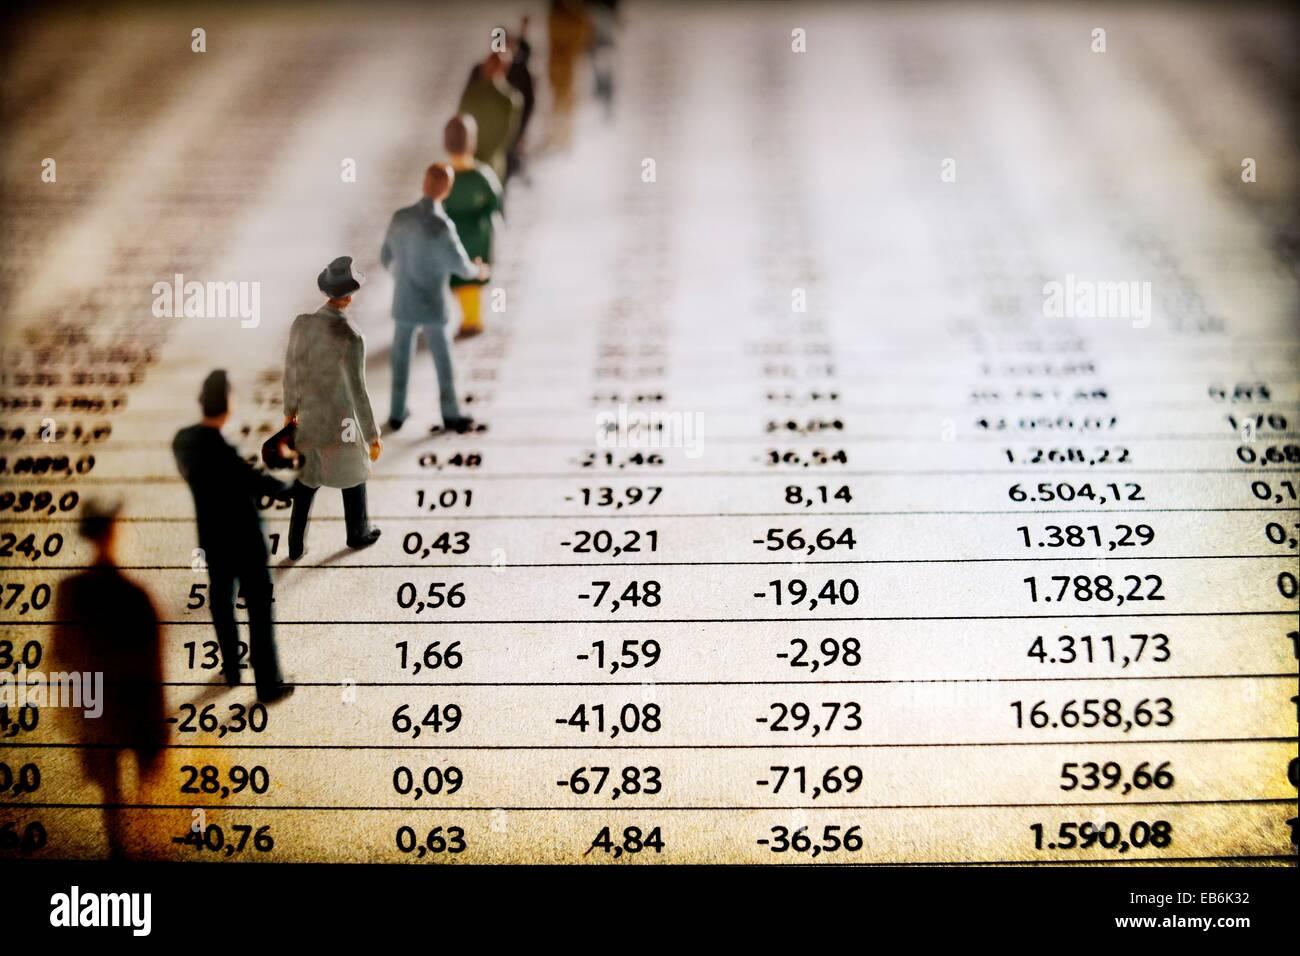 hombres de negocio en fila sobre listado de mercado de valores, Business men in a row on stock market listing, - Stock Image